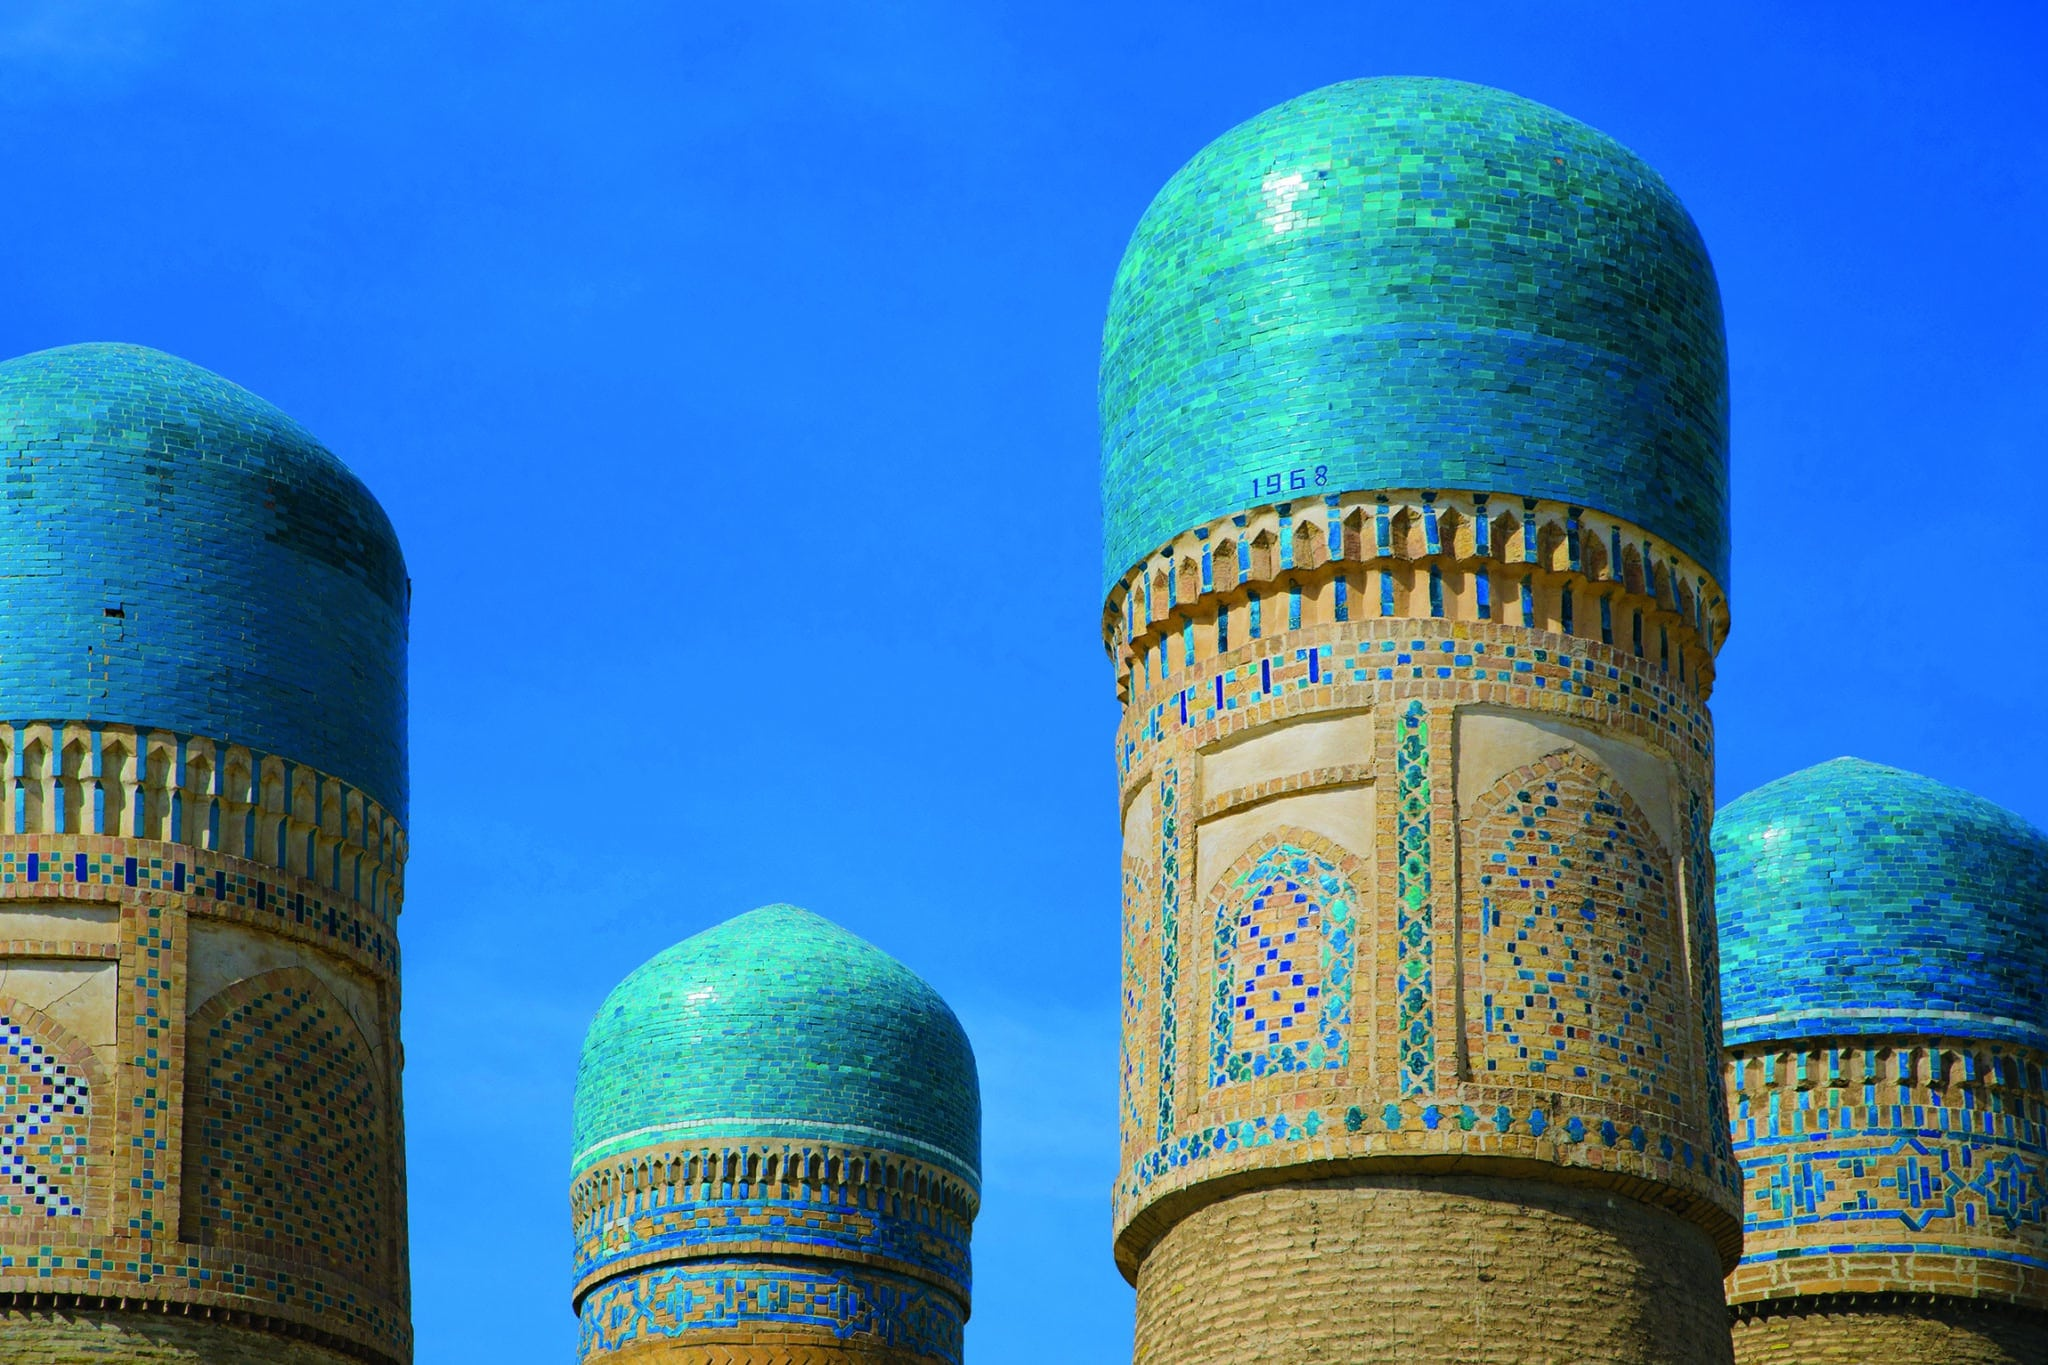 UZ_Bukhara - 155246006